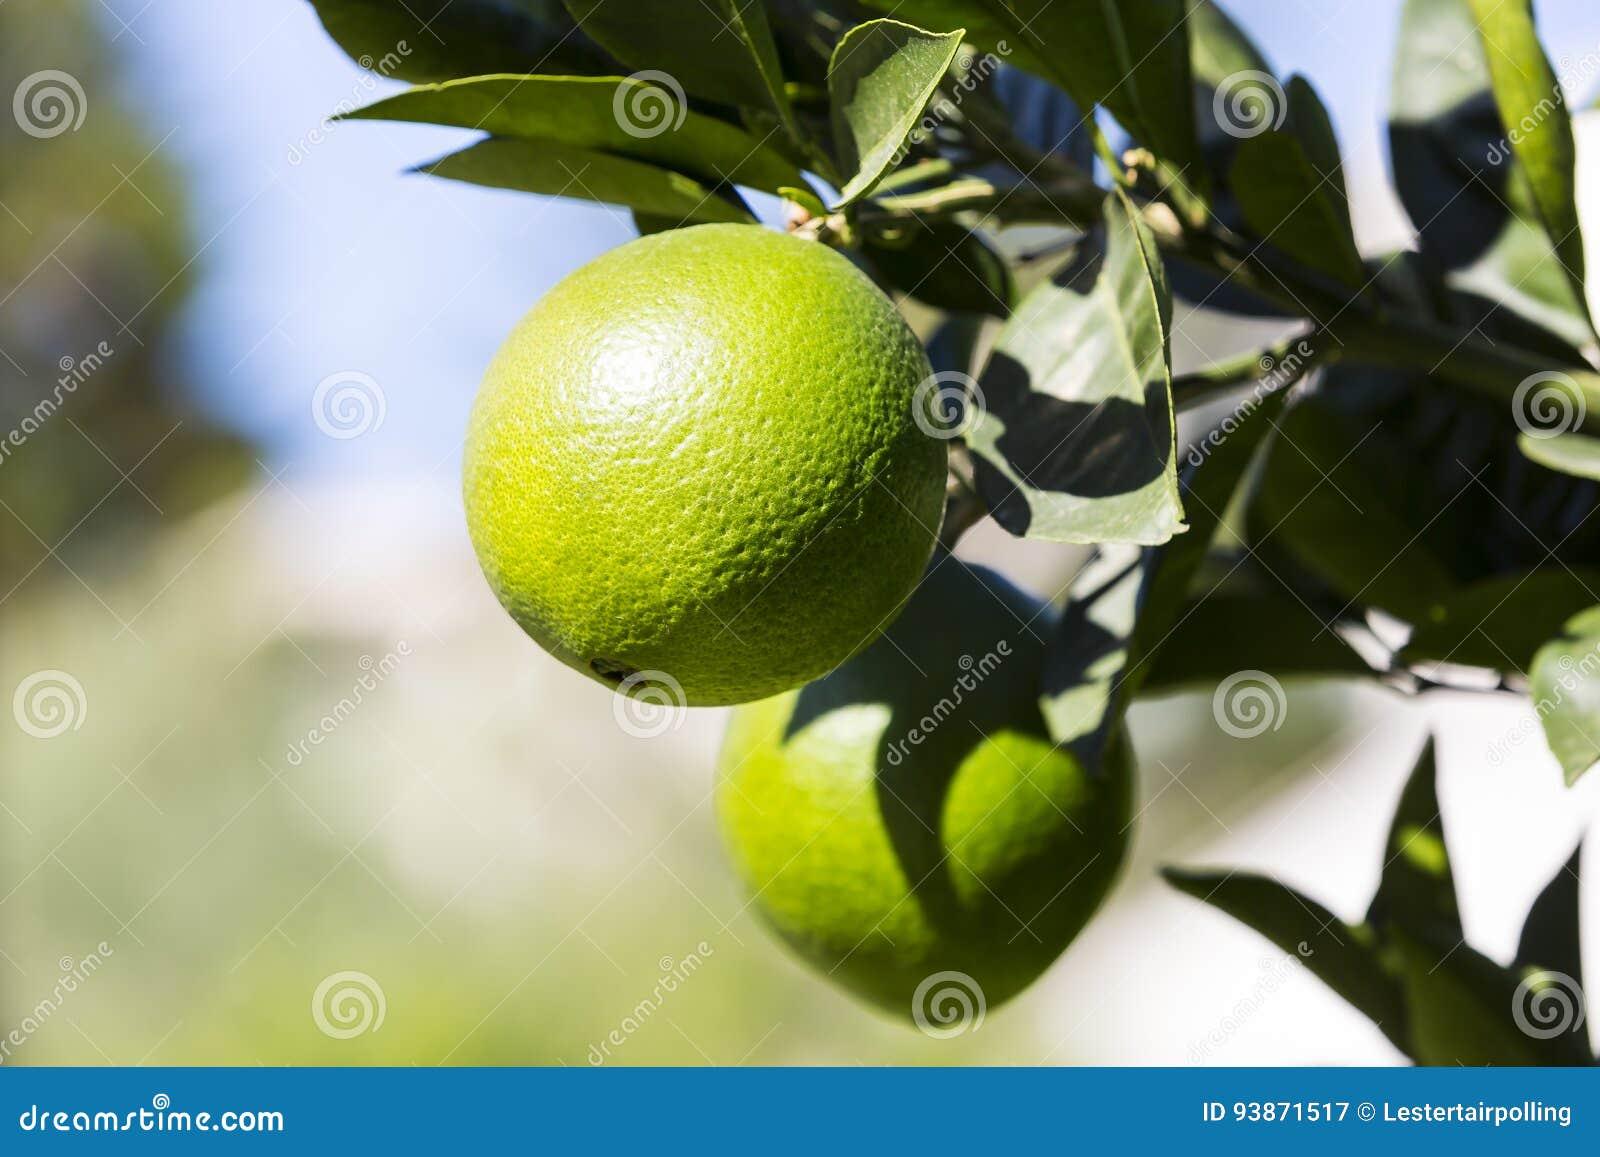 De oranje boom met vruchten rijpt